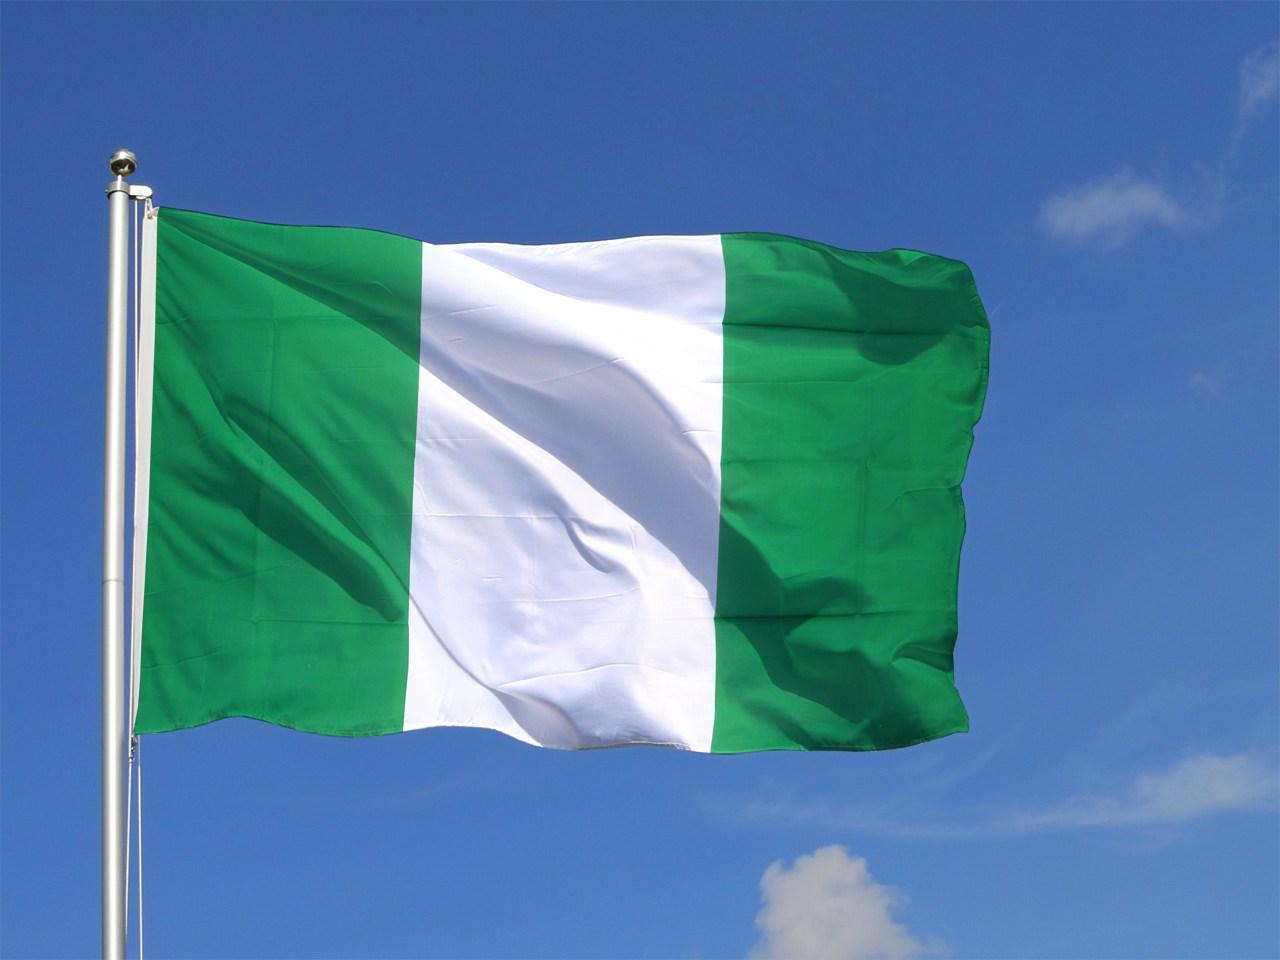 سويسرا توافق على إعادة 321 مليون دولار من الأموال المنهوبة إلى نيجيريا